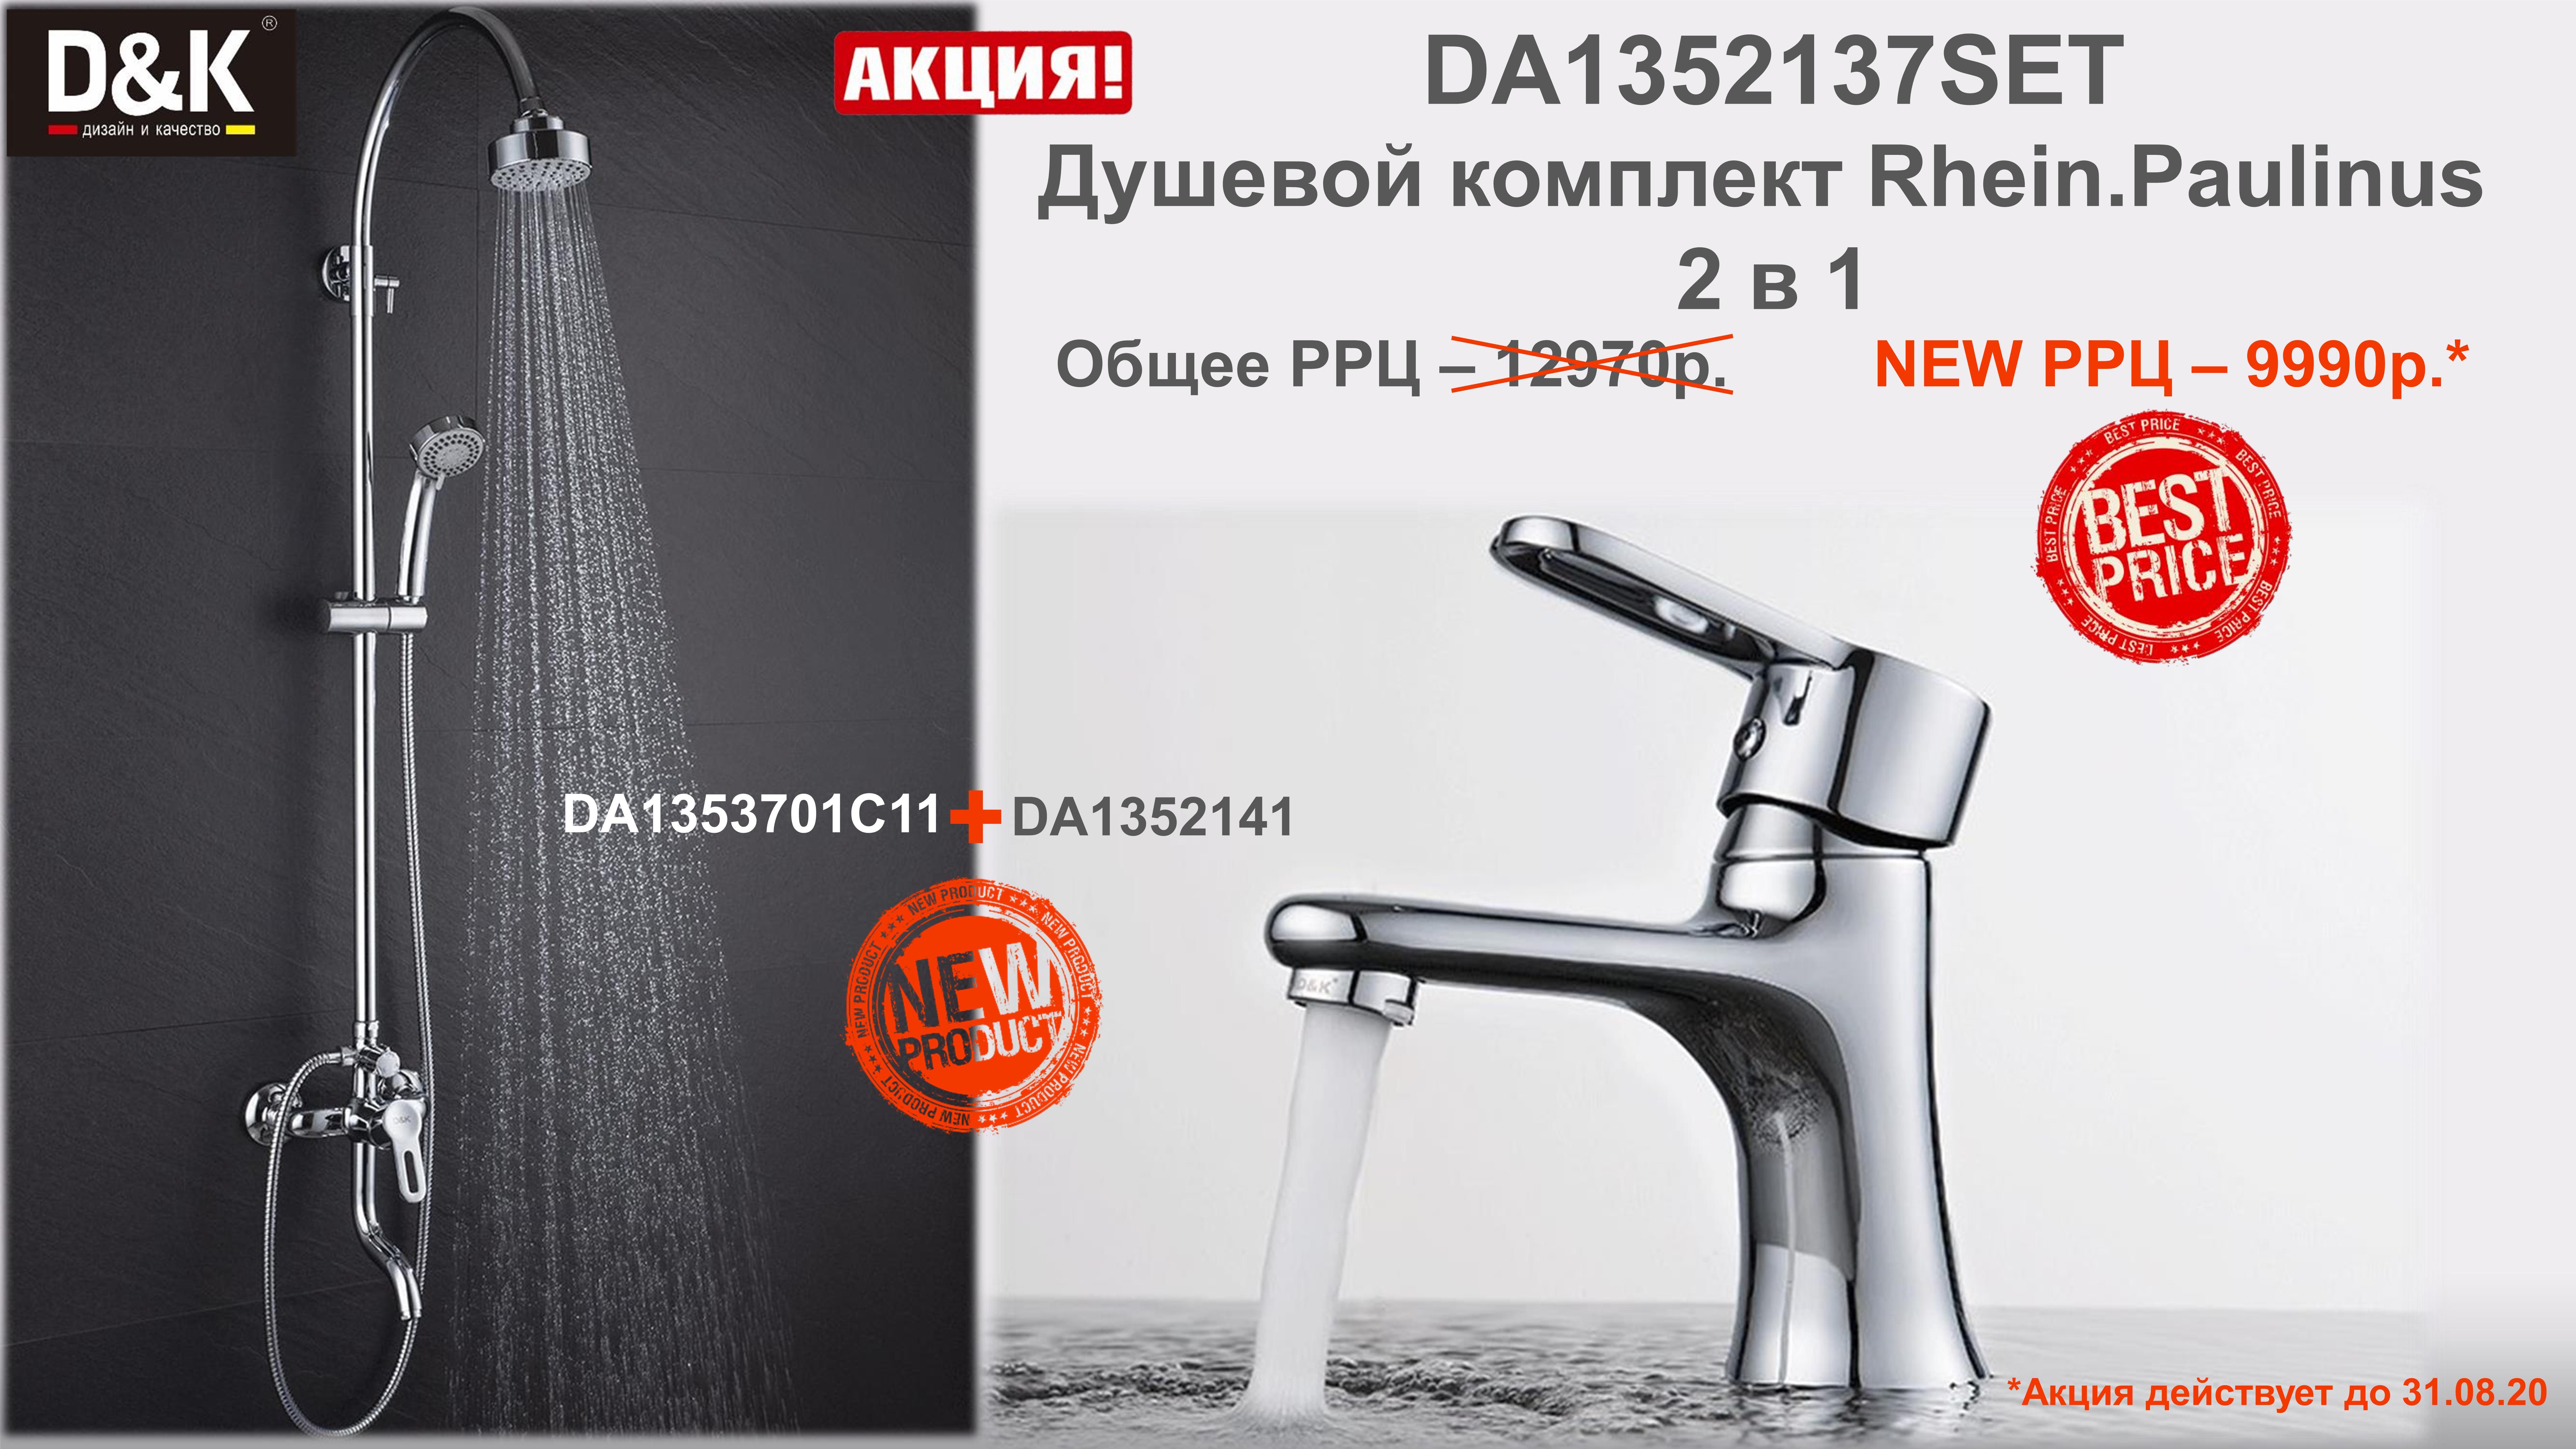 Душевой комплект D&K Rhein.Paulinus DA1352137SET хром